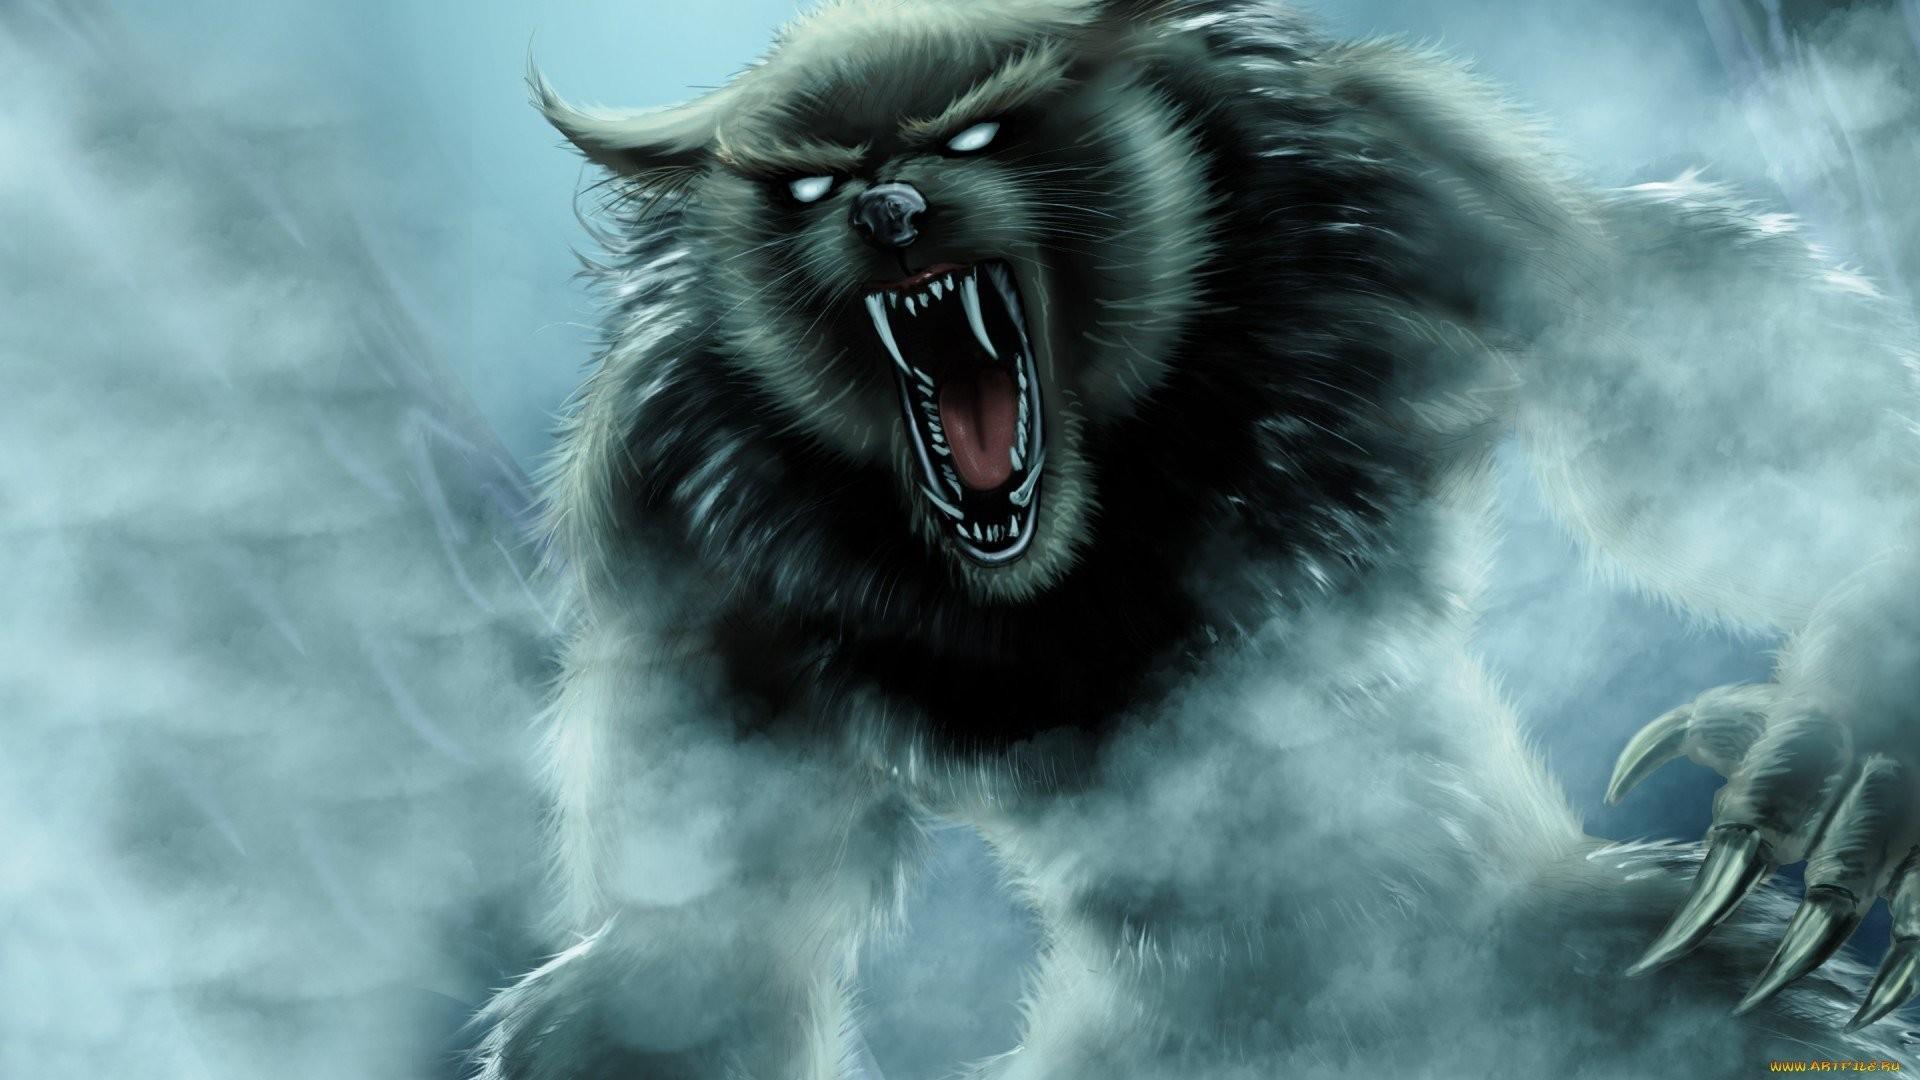 x Werewolf Wallpapers | HD Wallpapers | Pinterest | Werewolves, Underworld  werewolf and Wallpaper